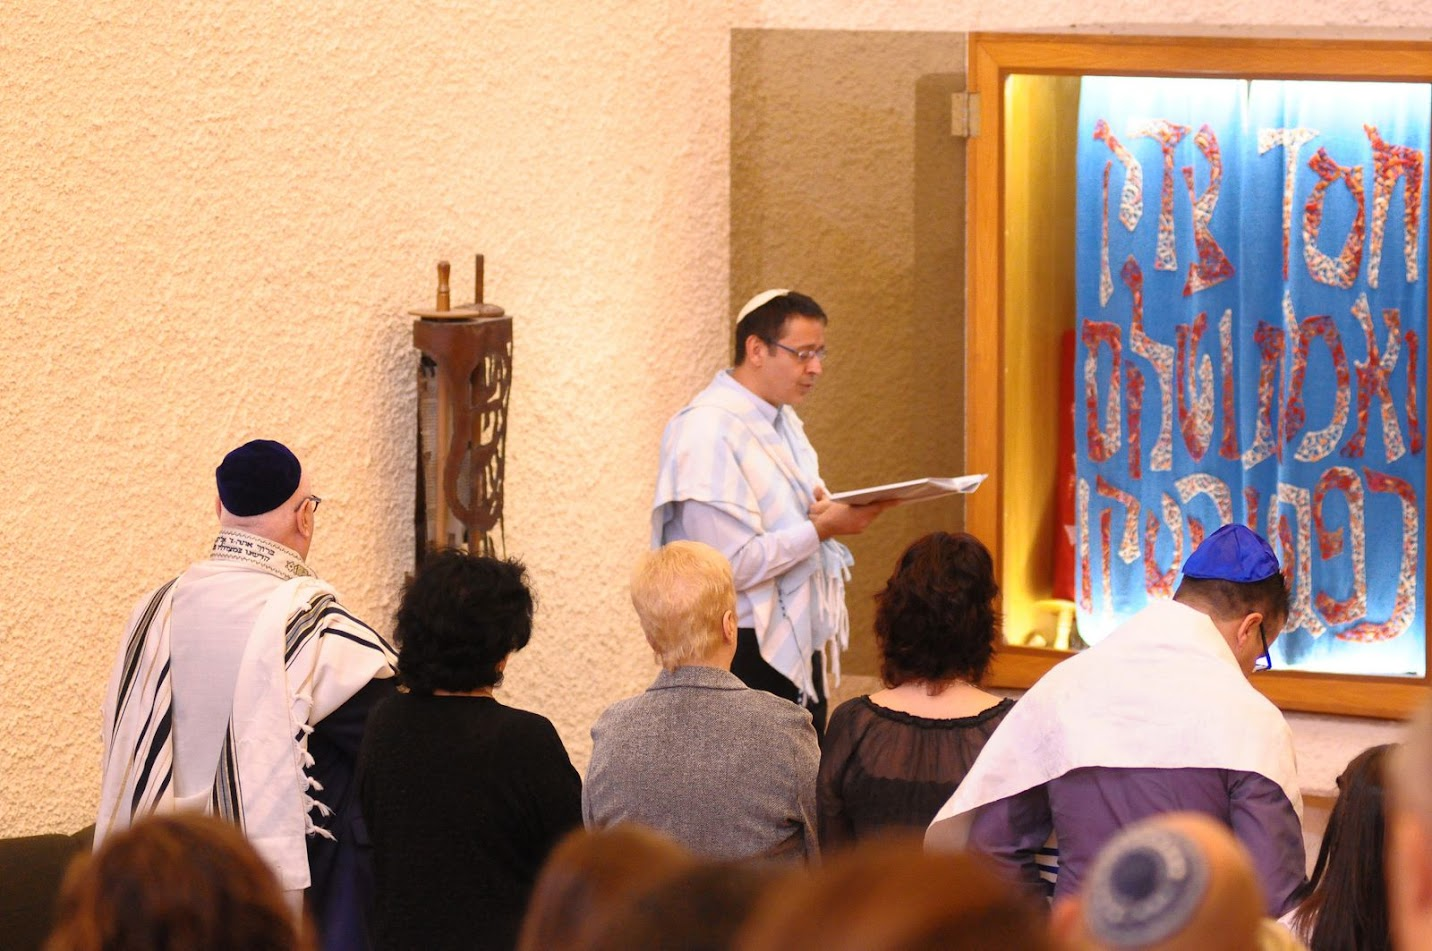 טקס בת מצווה בבית הכנסת אהל אברהם